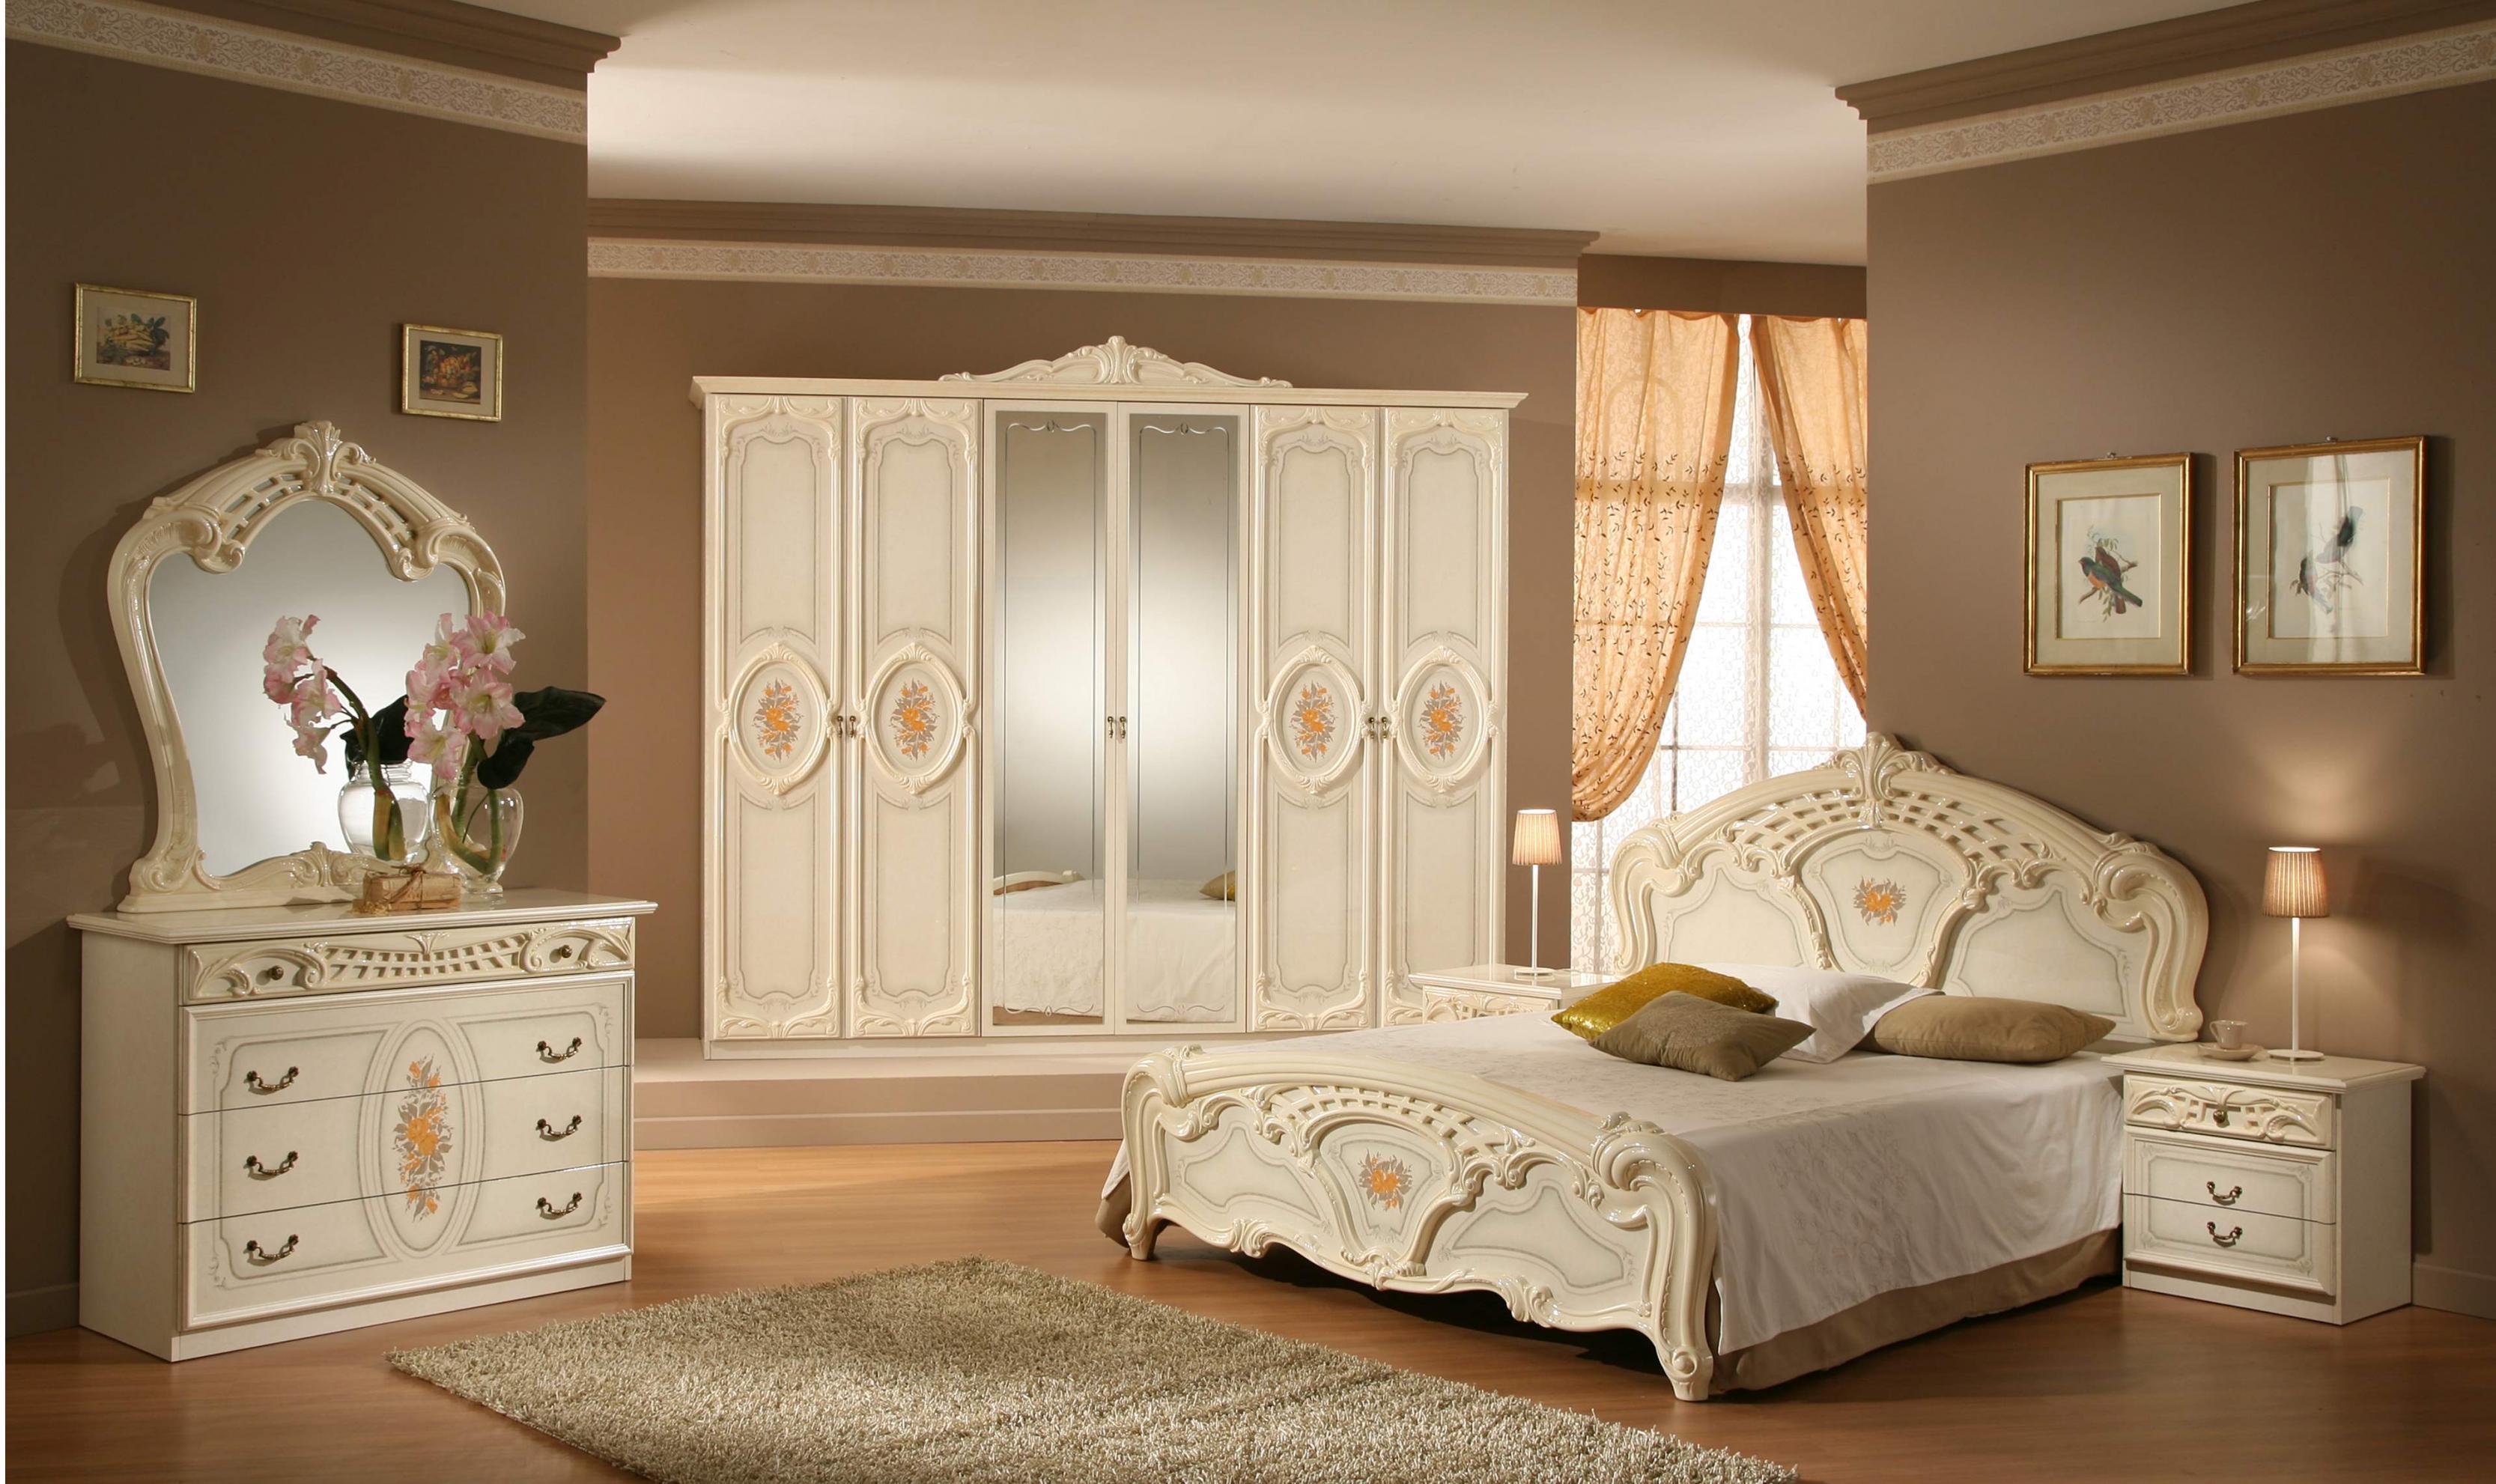 بالصور غرف نوم كلاسيك , اجمل غرف نوم كلاسيك لبيتك 6161 9